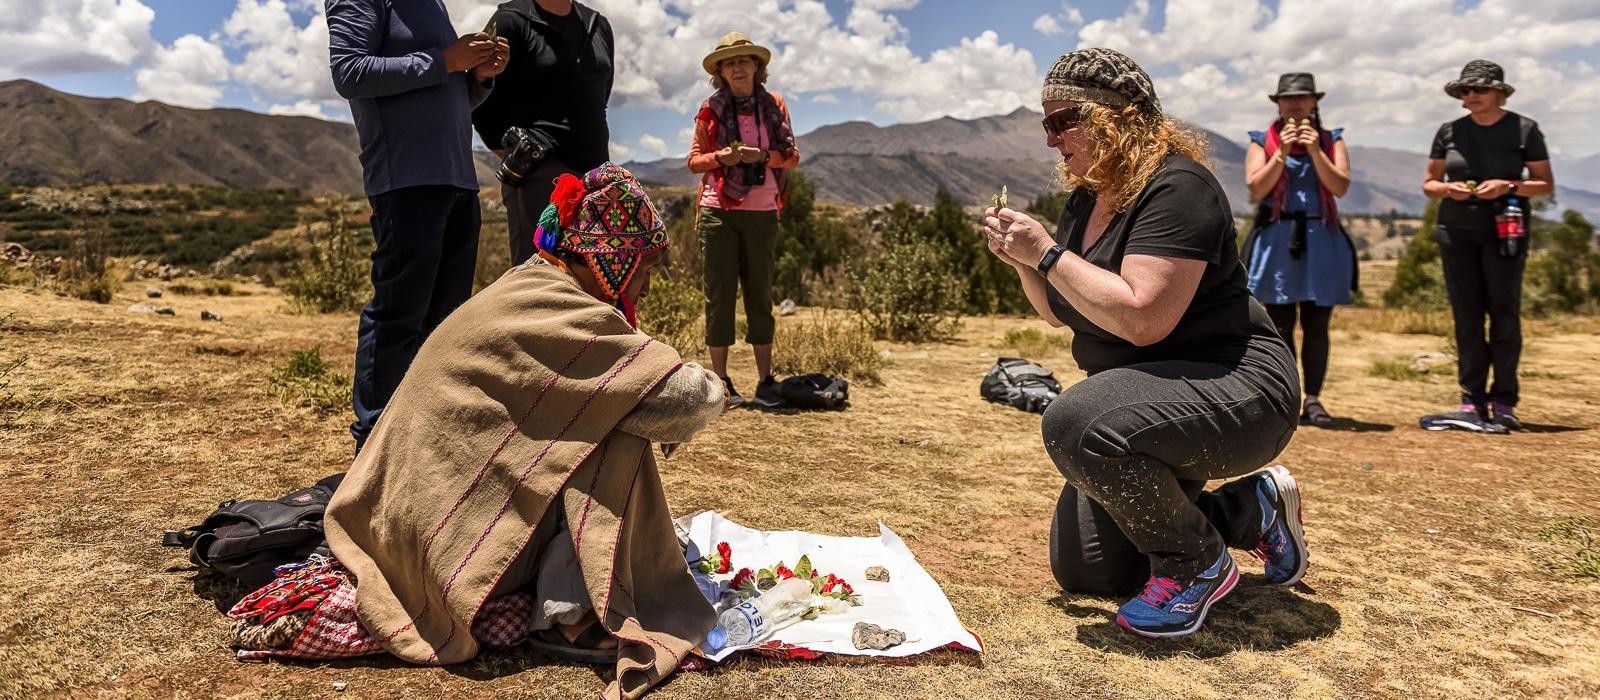 Cérémonie despacho, Cusco, Pérou - Voyage organisé en petit groupe offert par l'agence de voyage Les routes du Monde